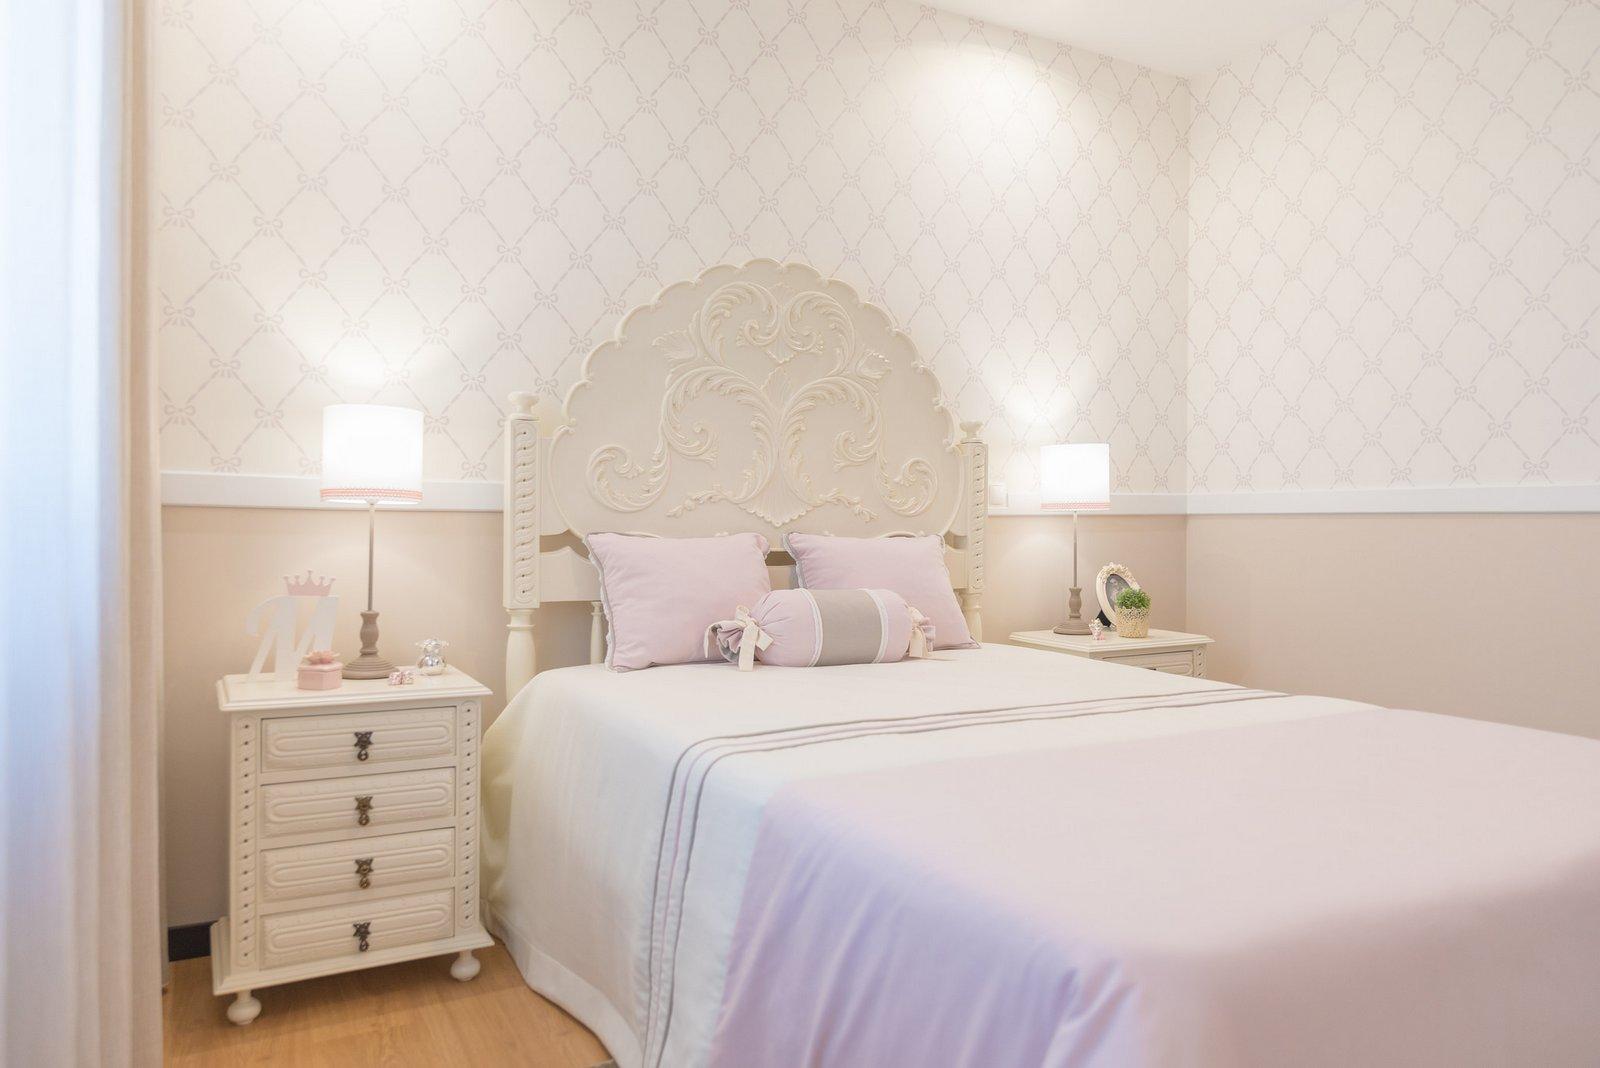 Ângela Pinheiro - Decoração de Interiores - Home Design - Decoração de Interiores - Quarto da Avó